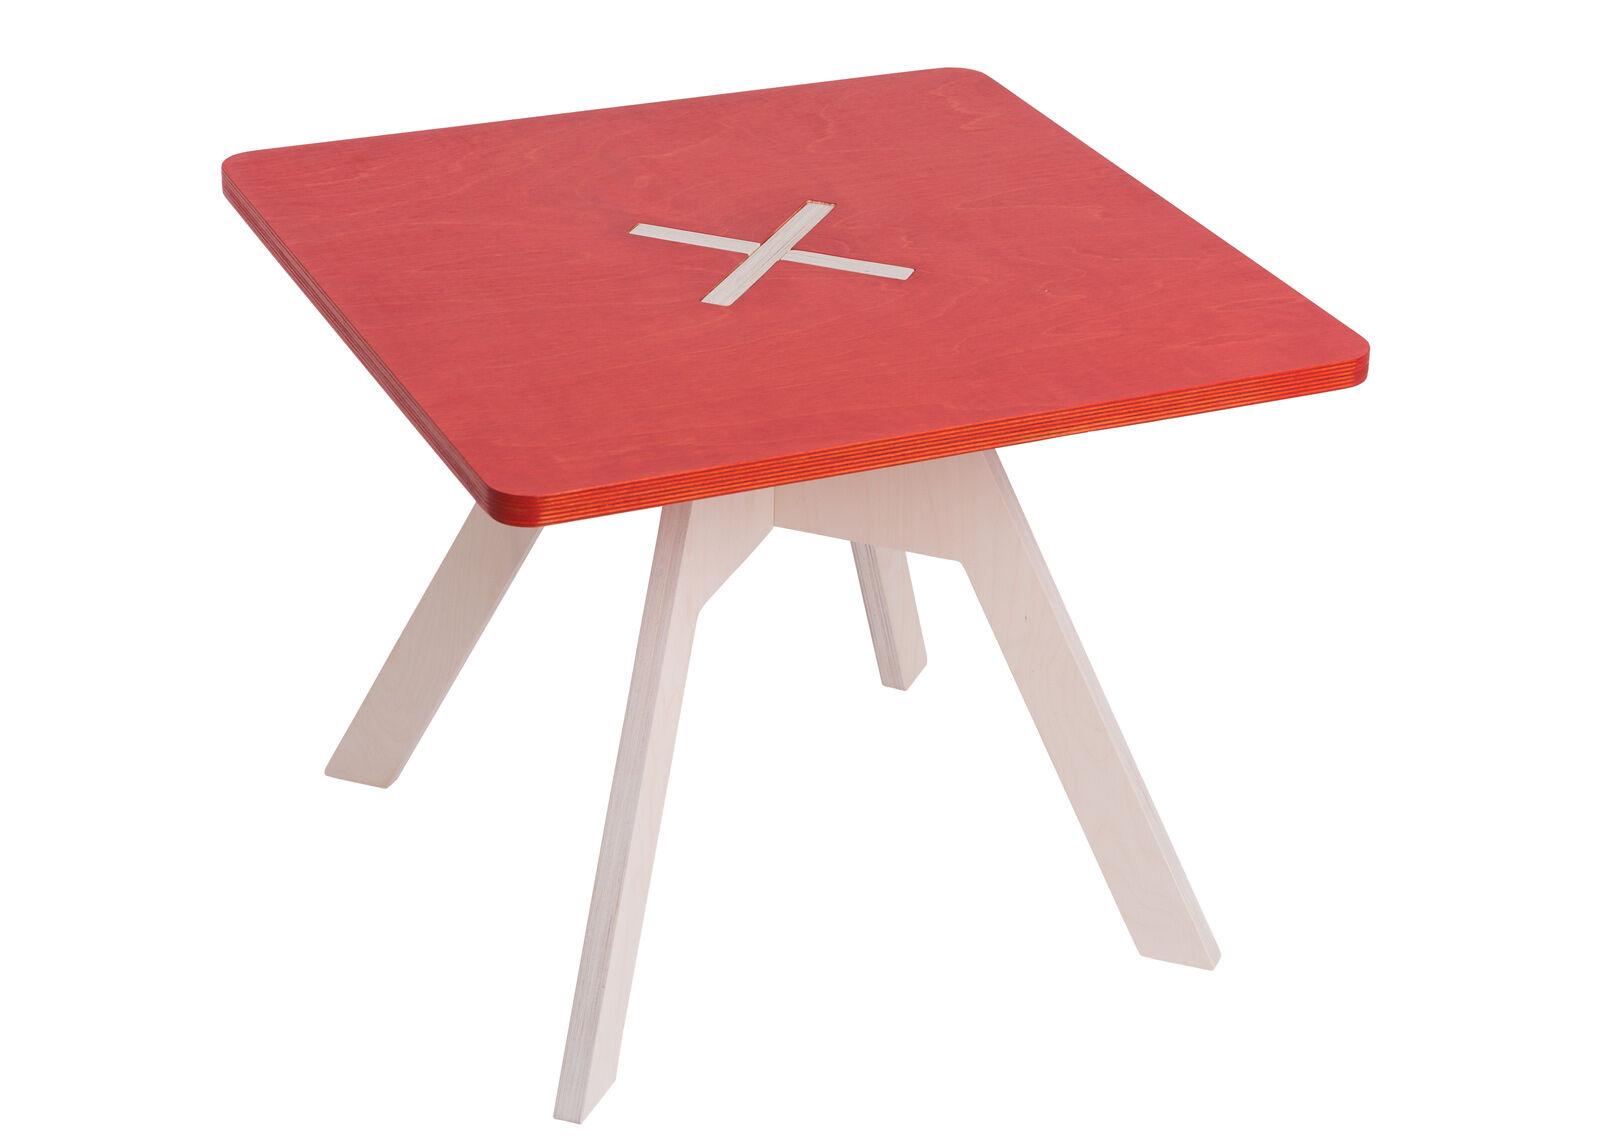 123OK Sohvapöytä/lastenpöytä 60x60 cm